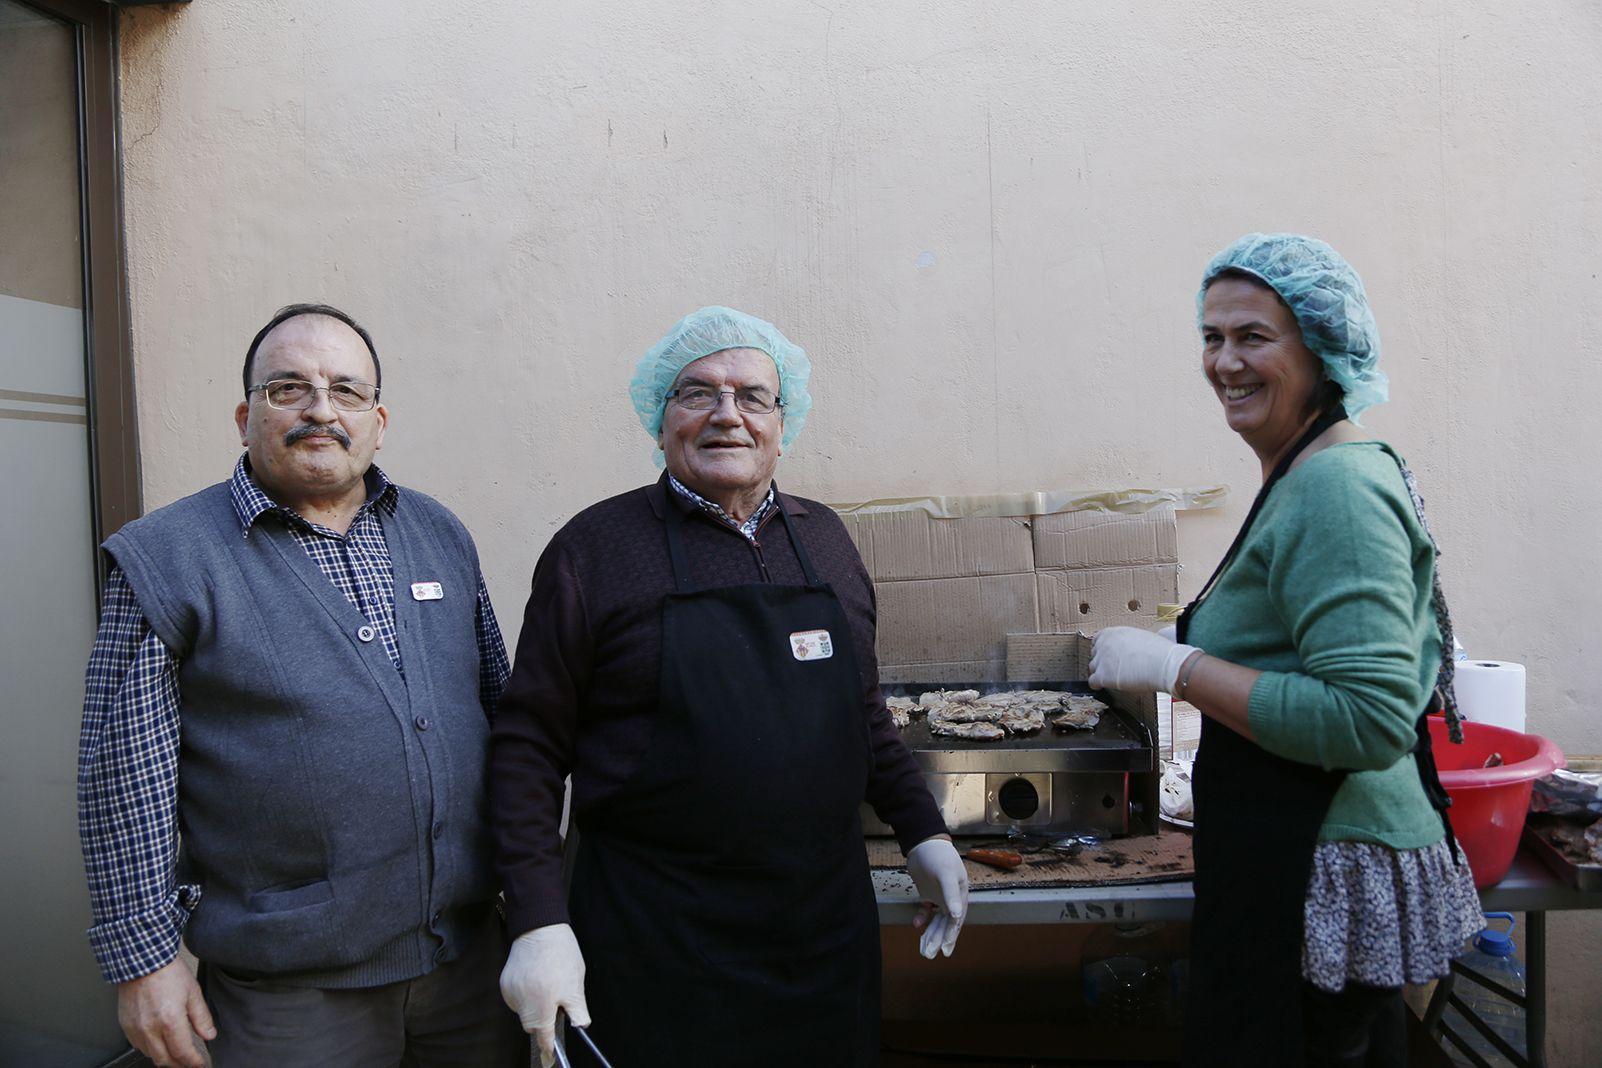 Cuiners al dinar de la comunitat de santcugatencs originaris del municipi agermanat a La Haba societat. FOTO: Anna Bassa